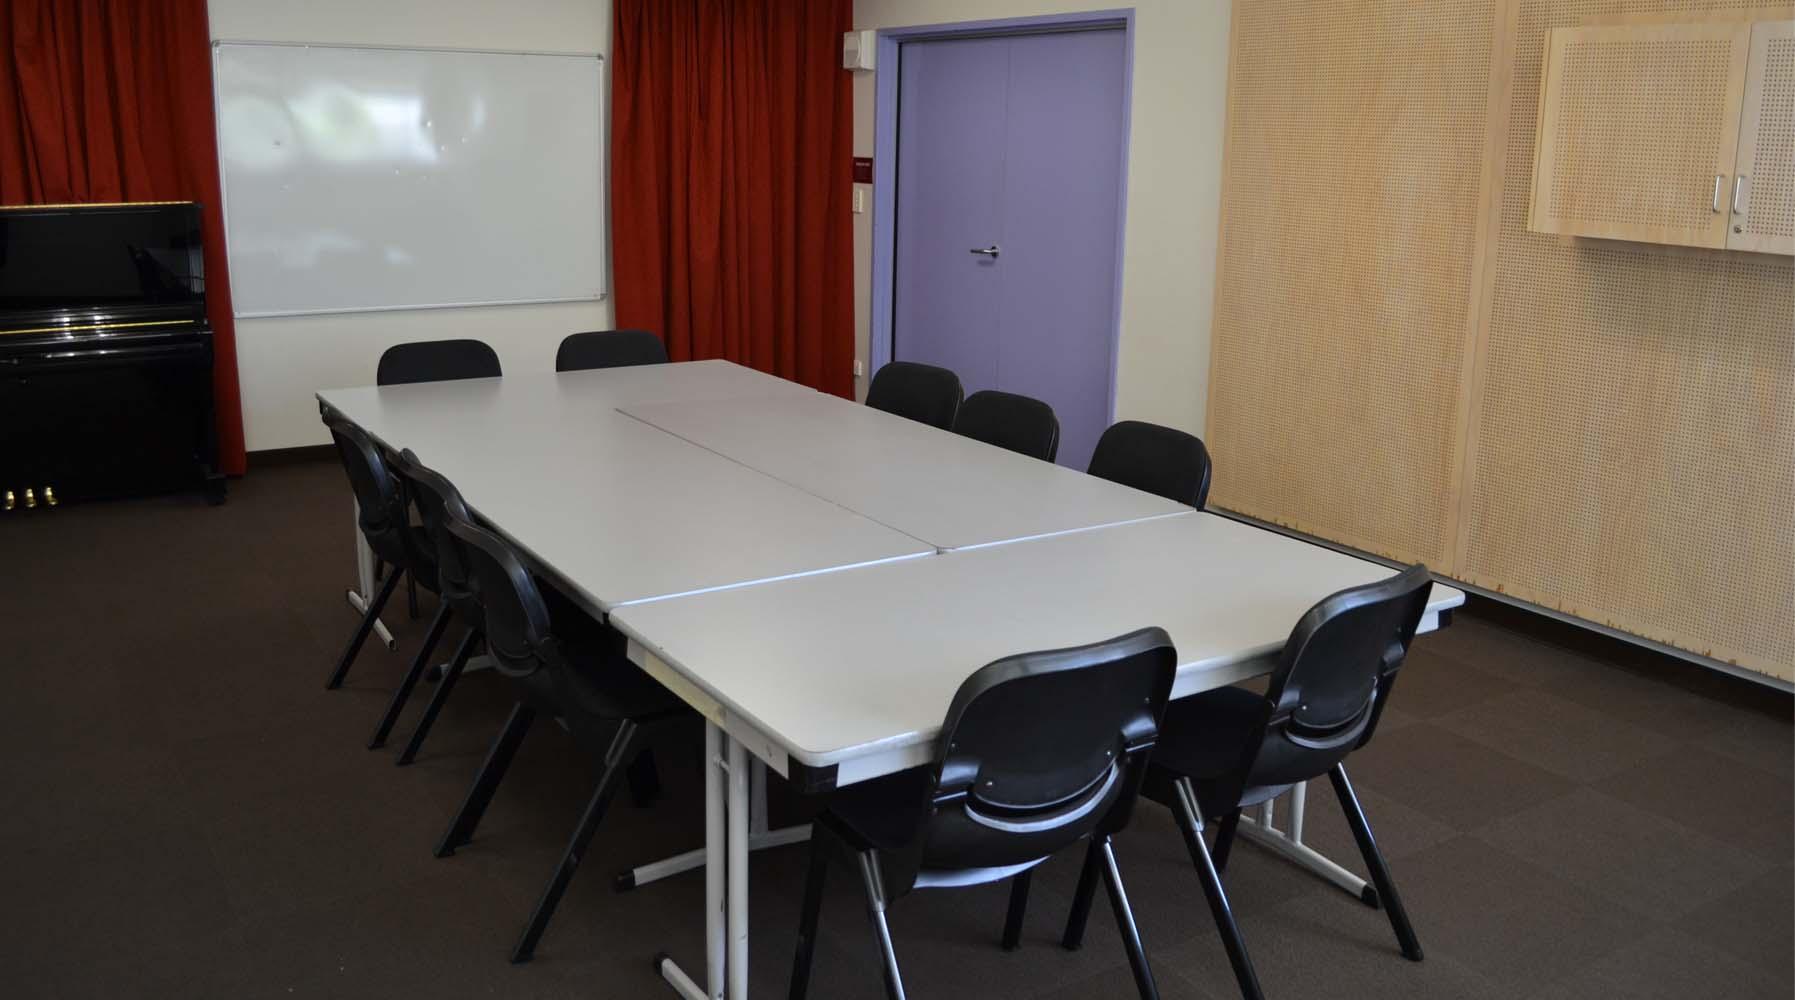 Ensemble Room